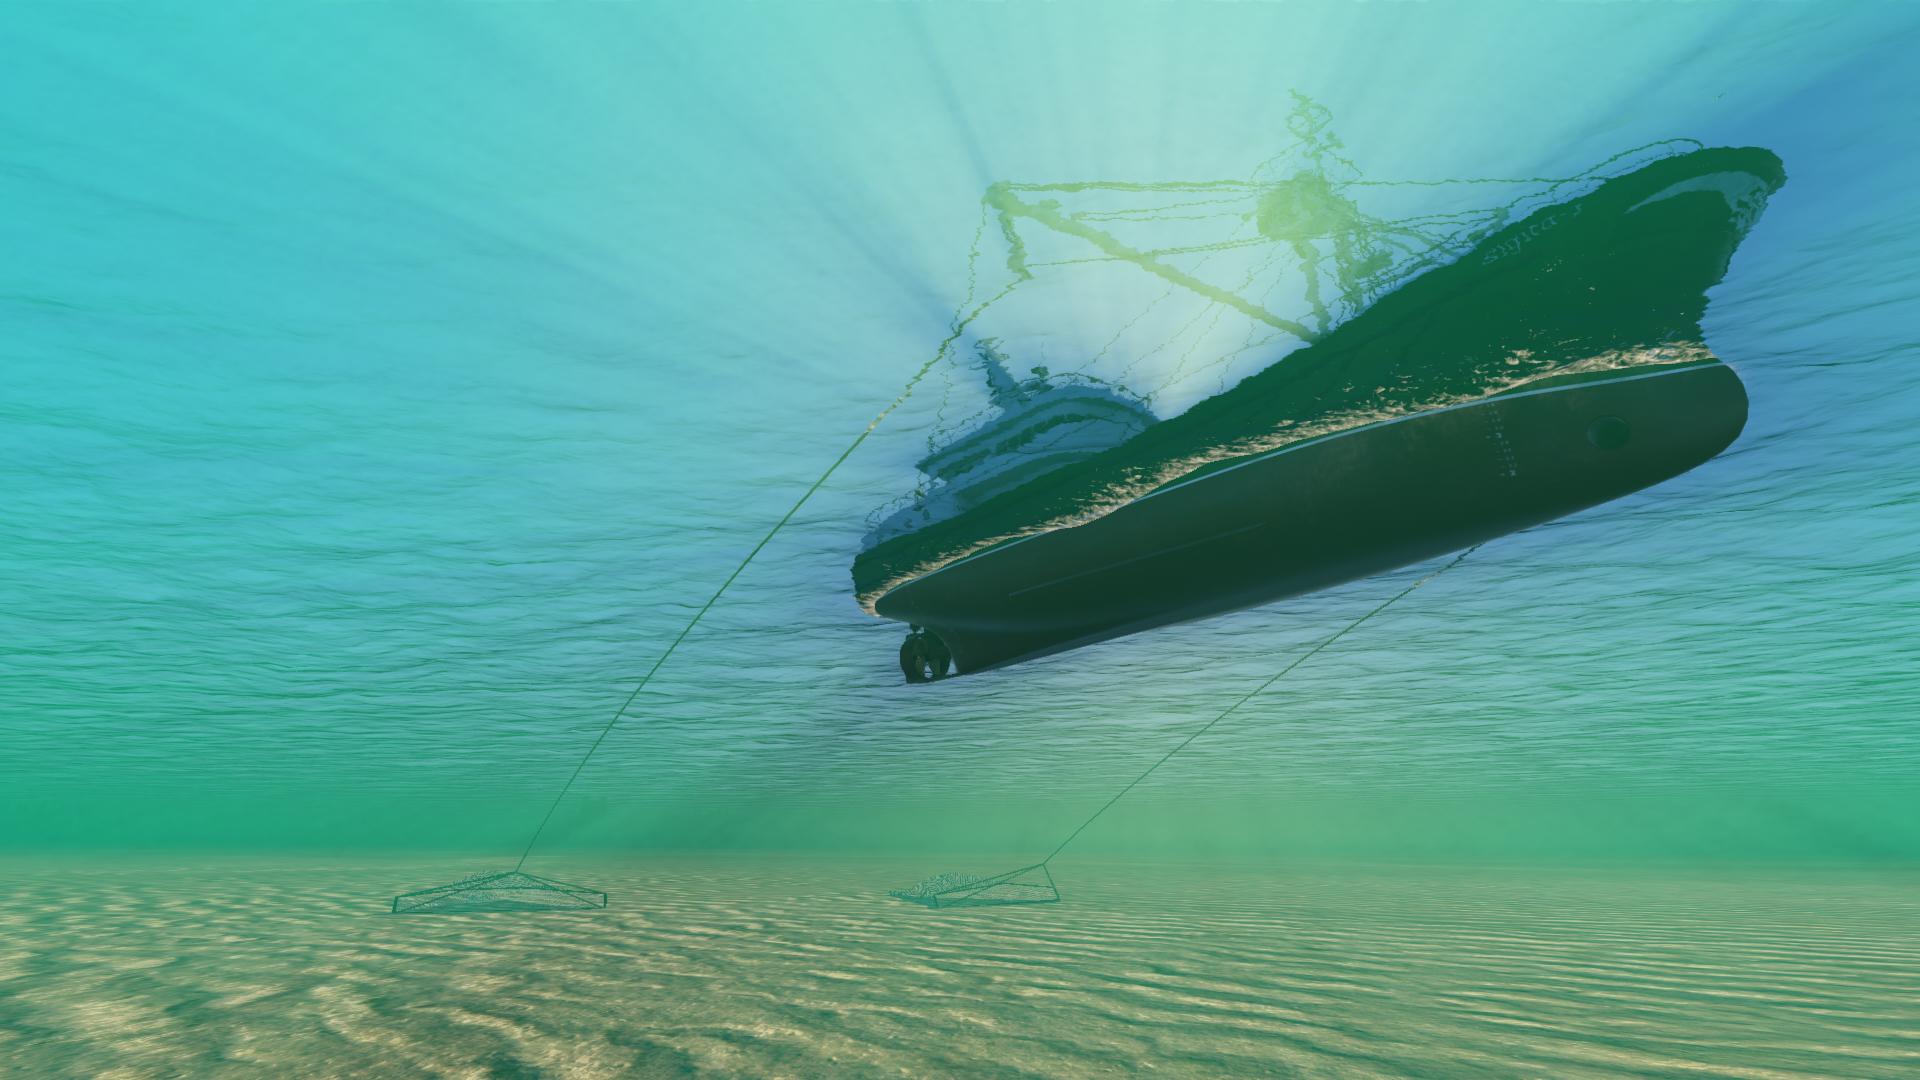 NAUTIS Fishing Module